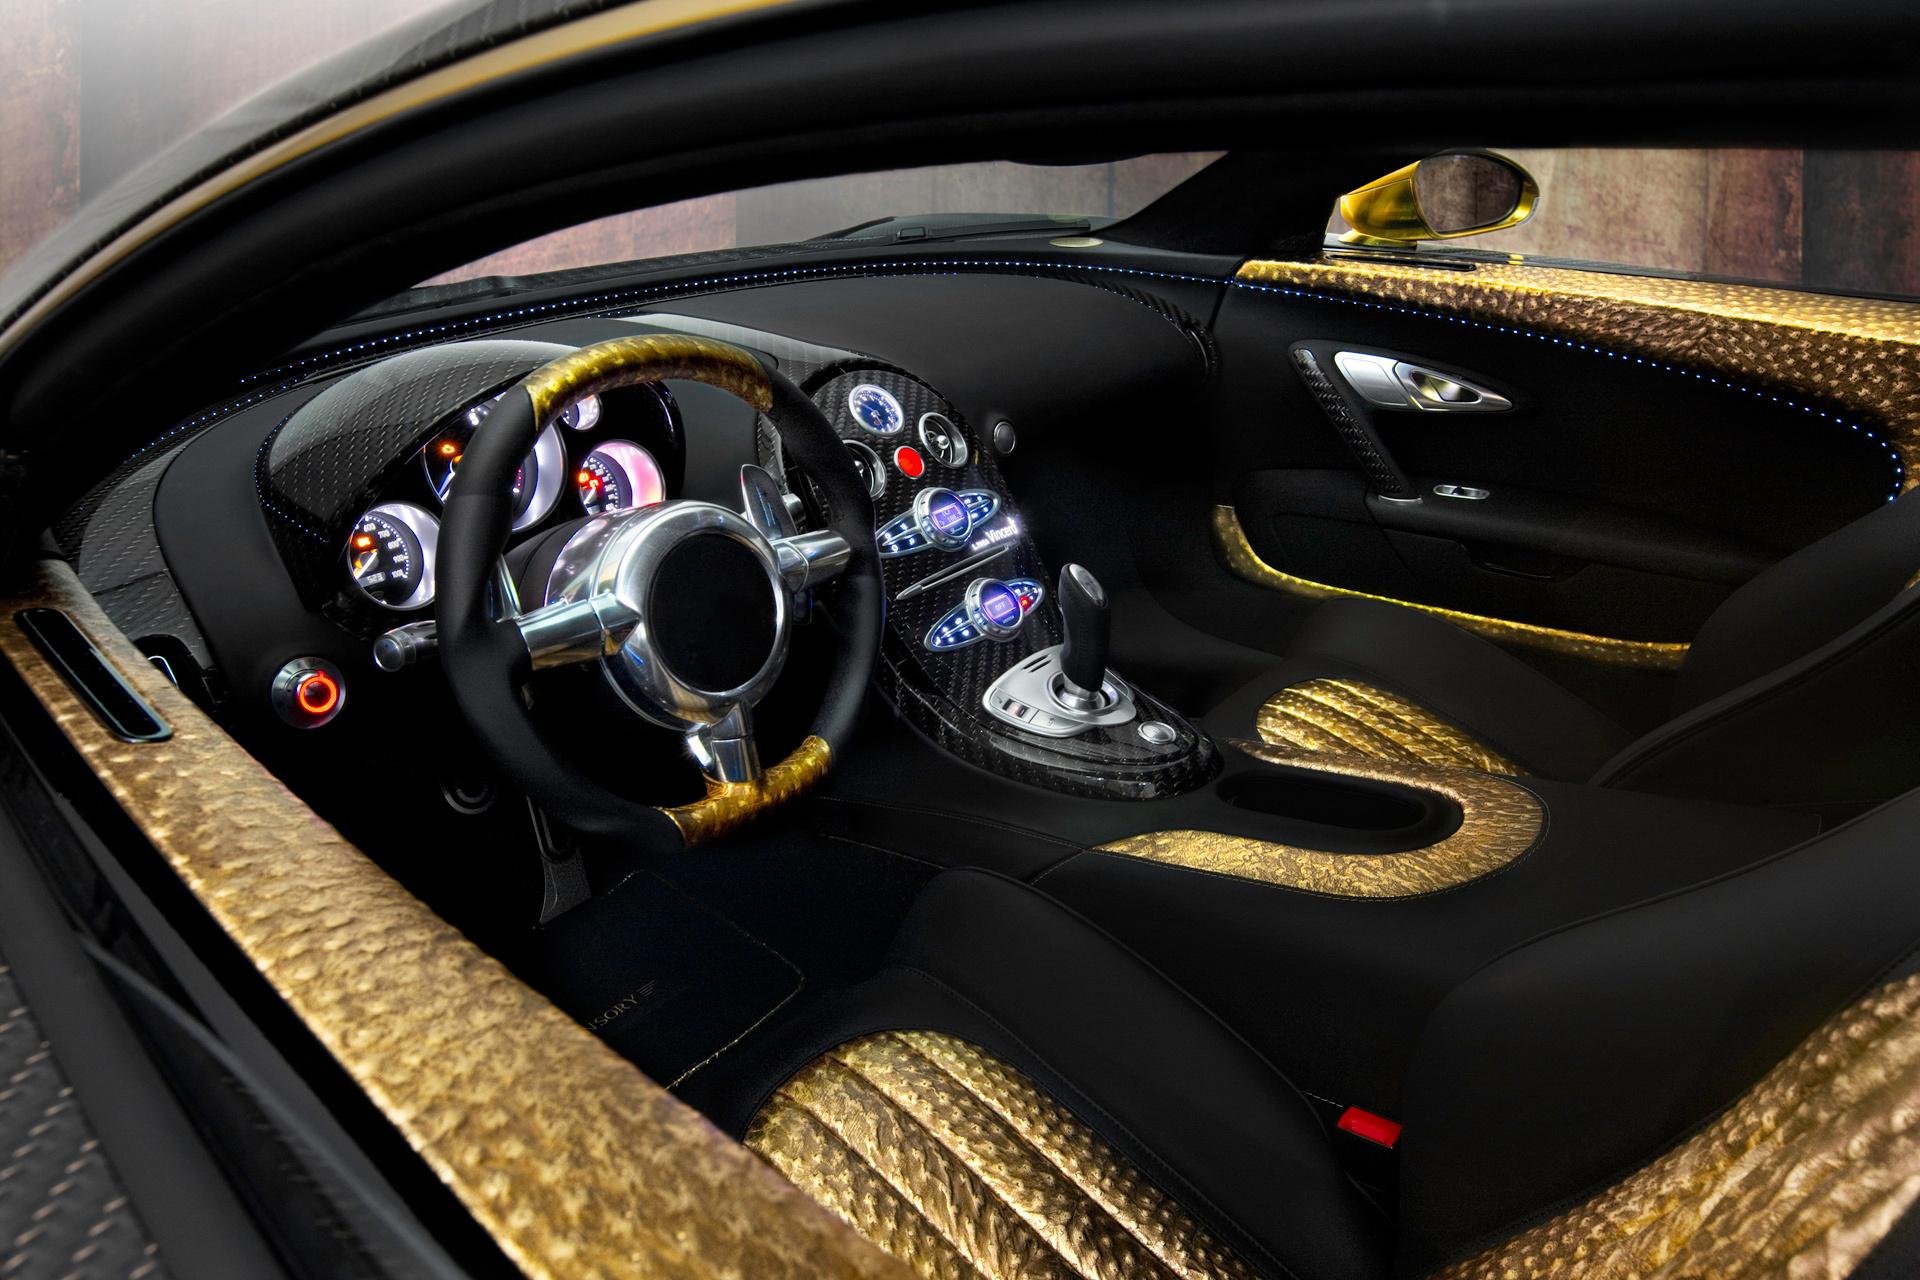 картинки дорогих машины и салонов чаще всего